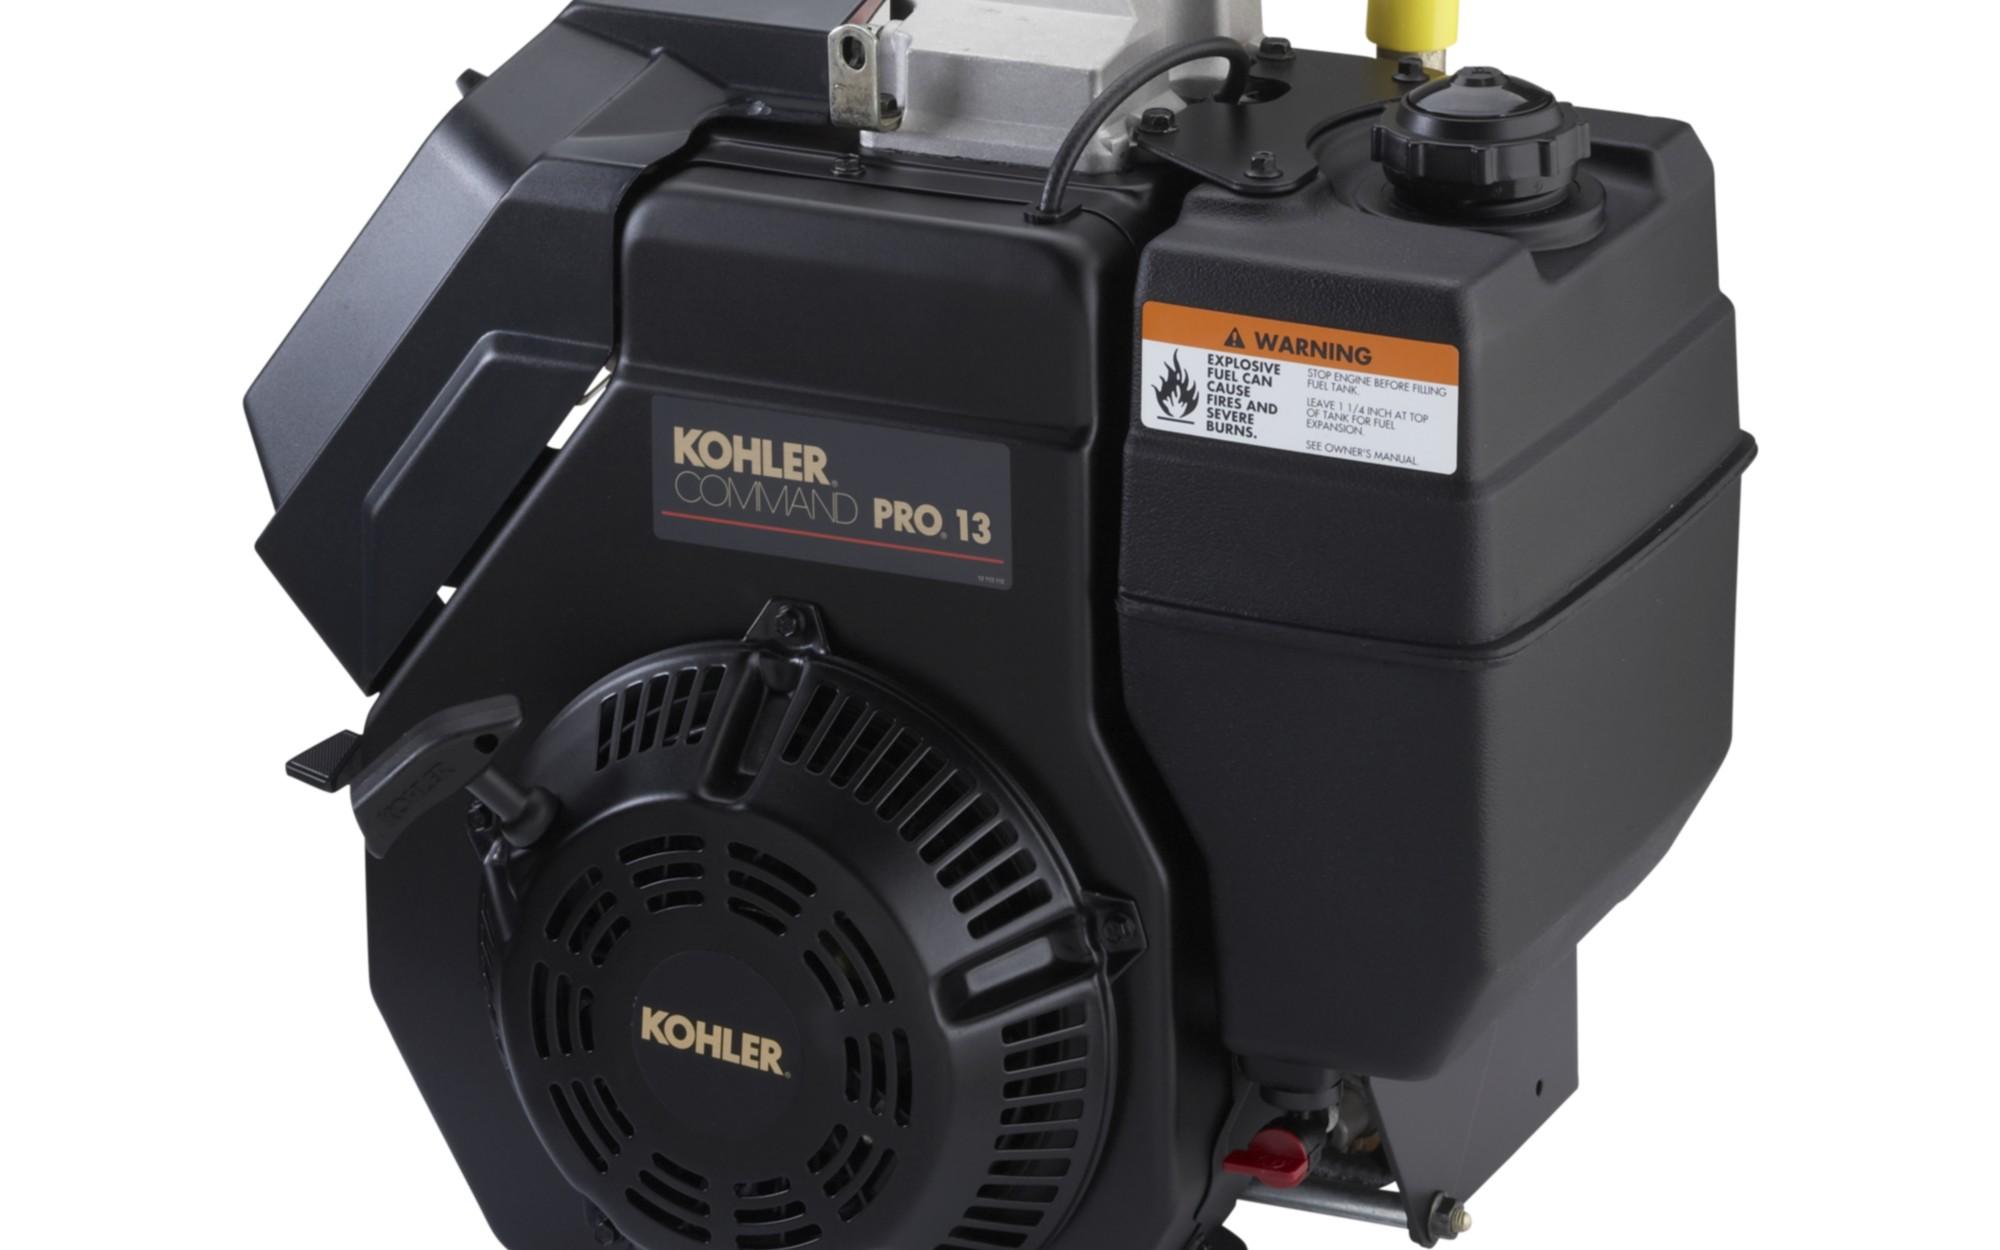 Kohler Command 13 Wiring Diagram Kohler Ignition Diagram Kohler V